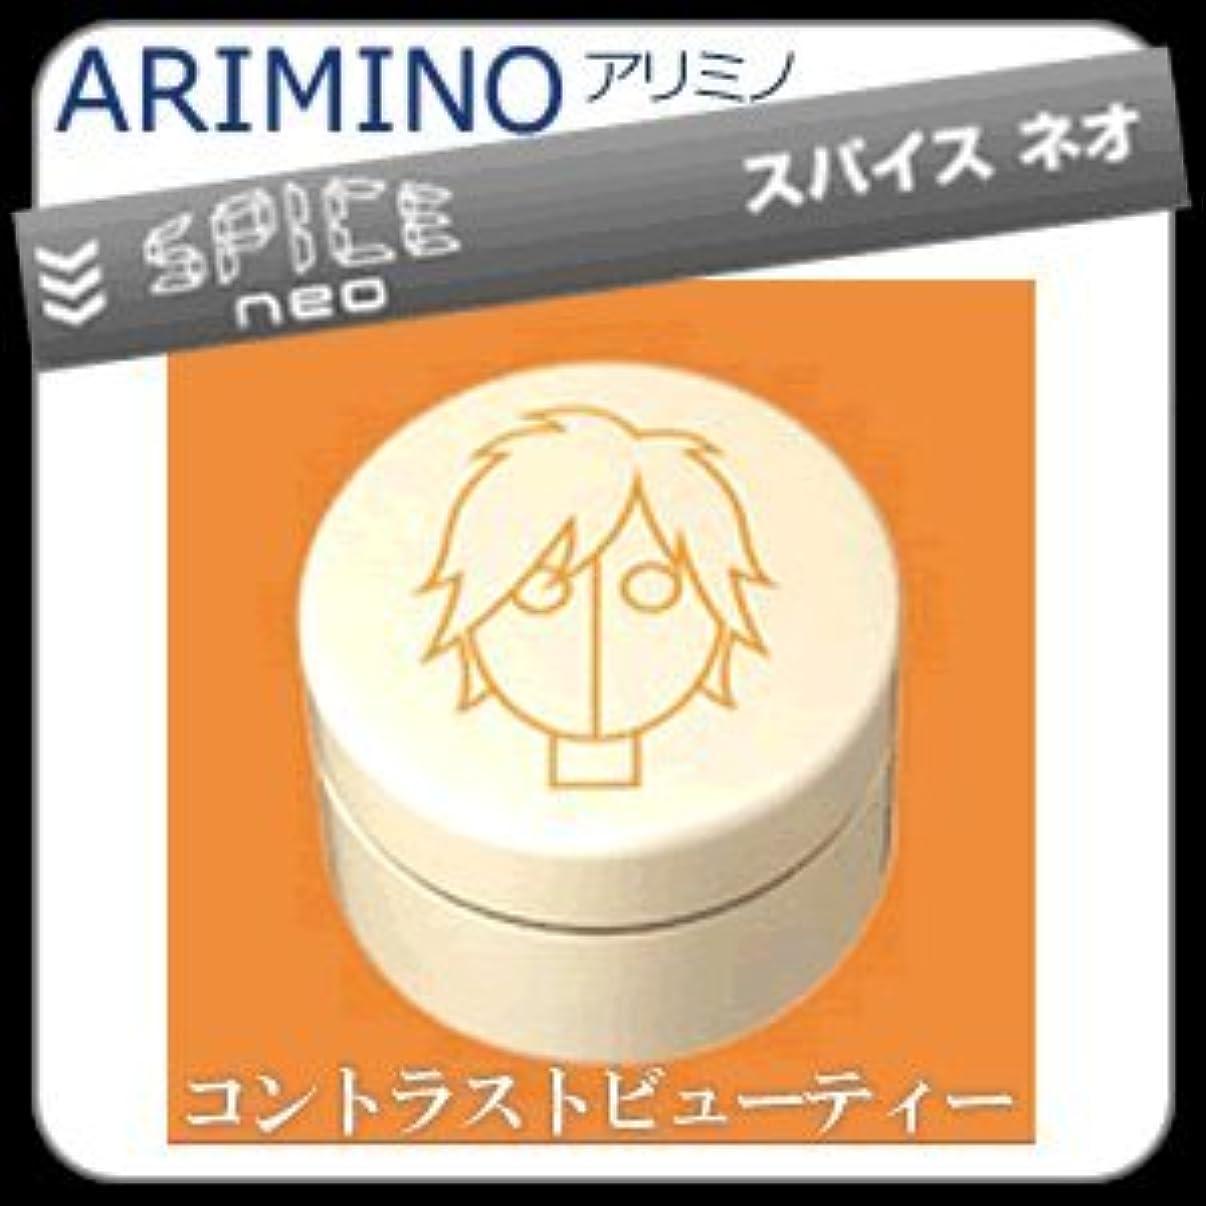 スピーチ閉じる置くためにパック【X4個セット】 アリミノ スパイスネオ LIGHT HARD-WAX ライトハードワックス 100g ARIMINO SPICE neo